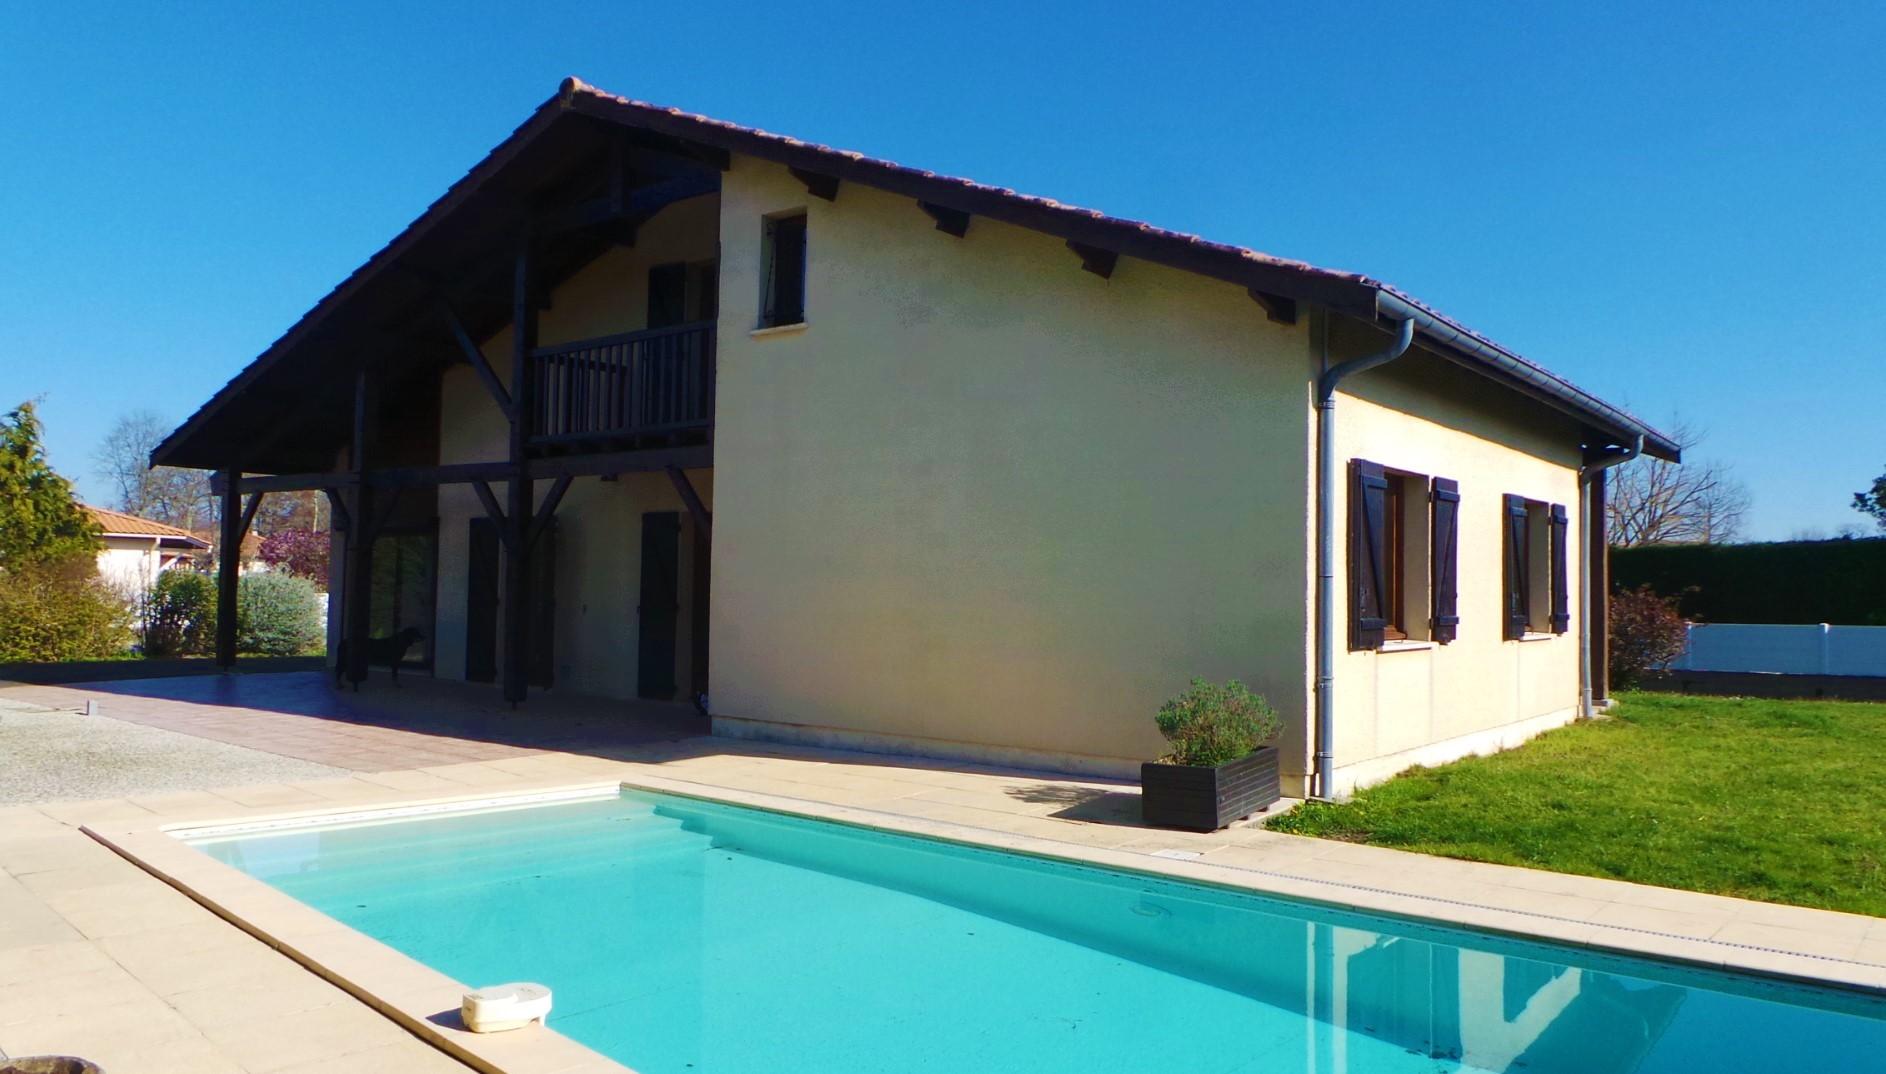 Maison Landaise 145 m² 7 pièces – Cestas 33610